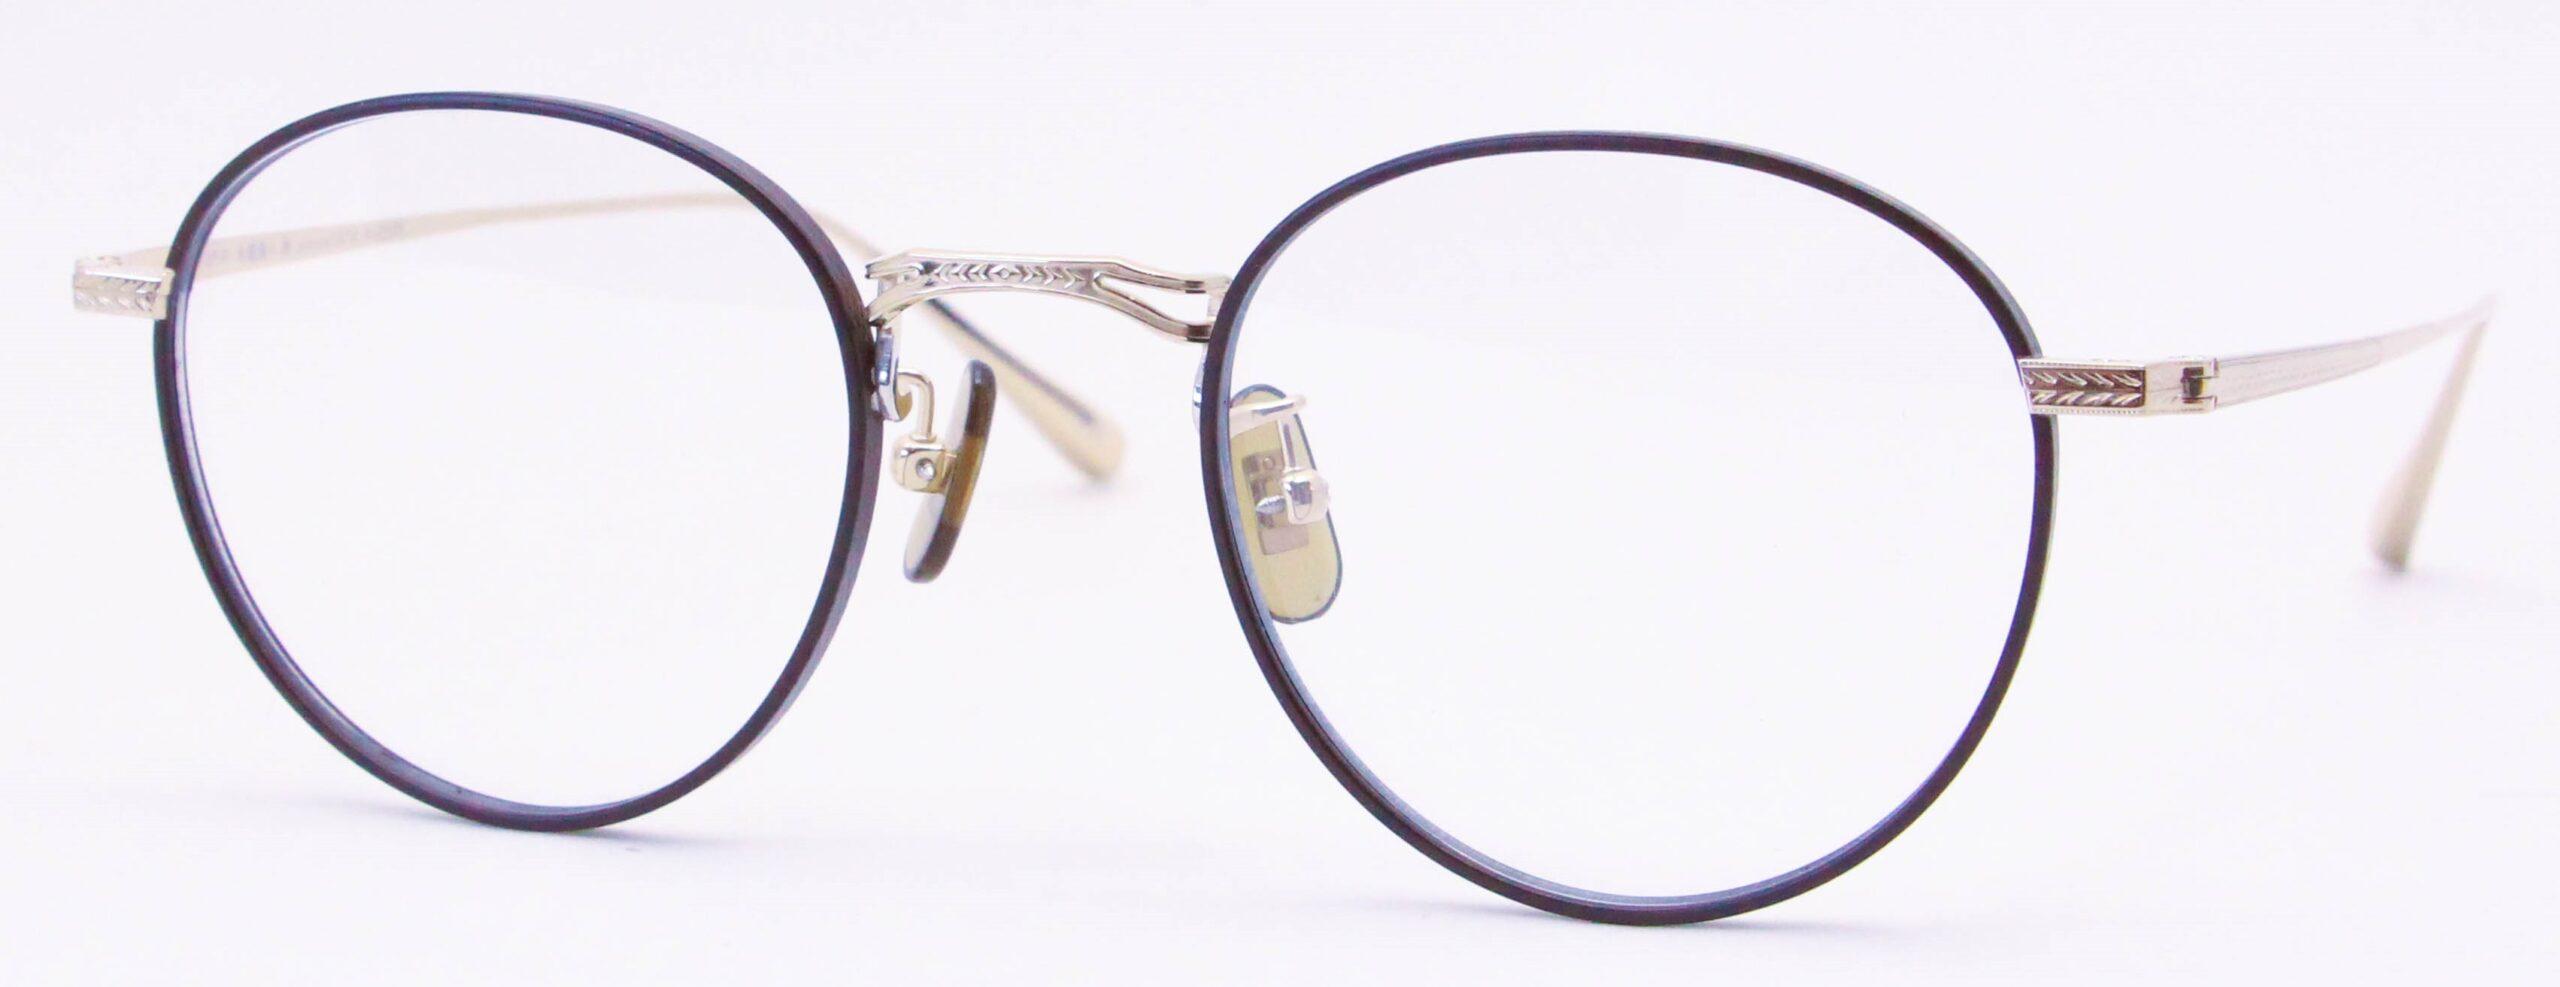 眼鏡のカラータイプC-3 Brown-Matt/Gold